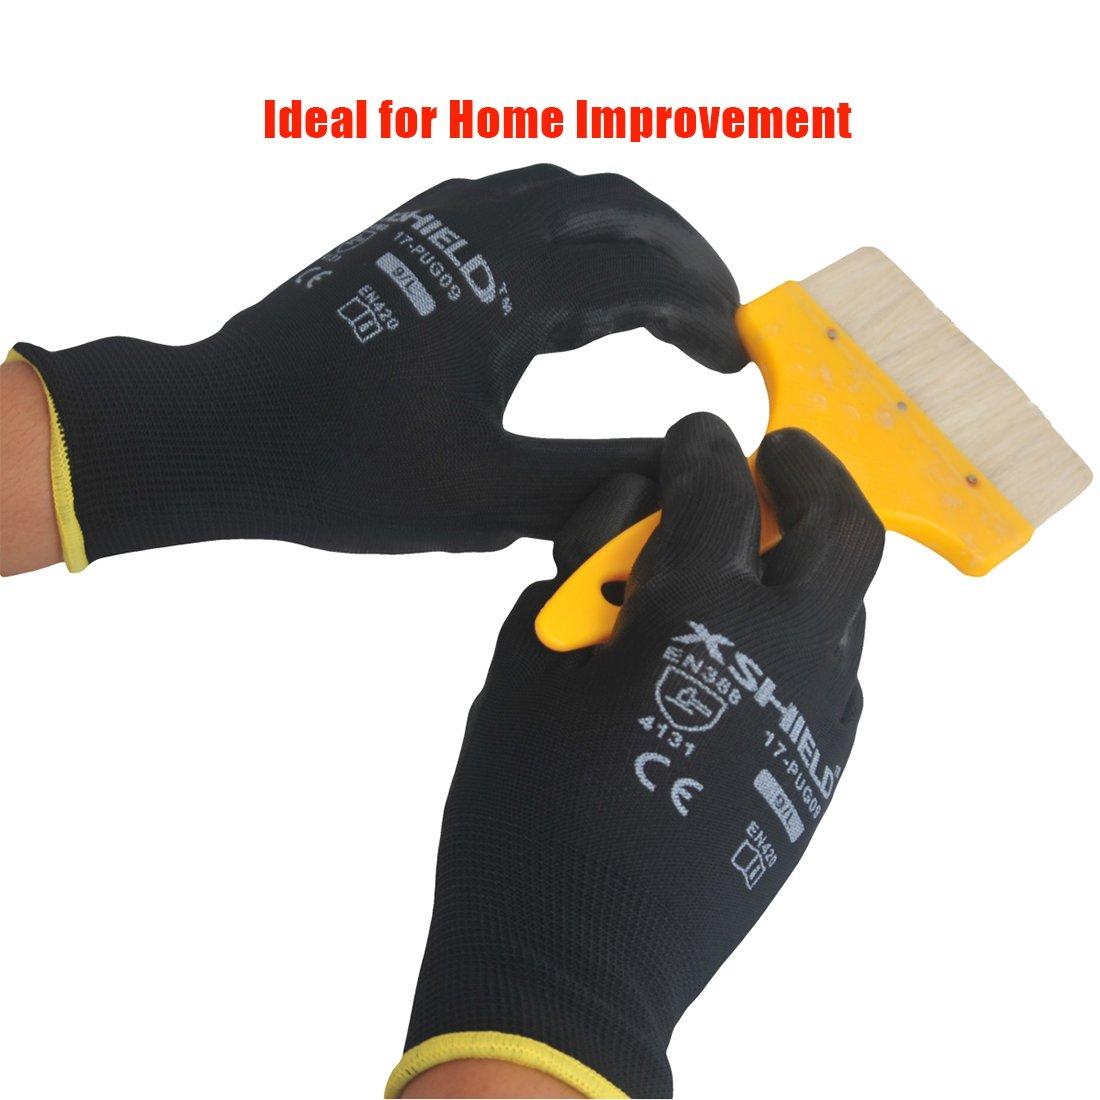 XSHIELD 17-PUG,Polyurethane/Nylon Safety WORK Glove,BLACK,12 Pairs (Large) by XSHIELD (Image #6)